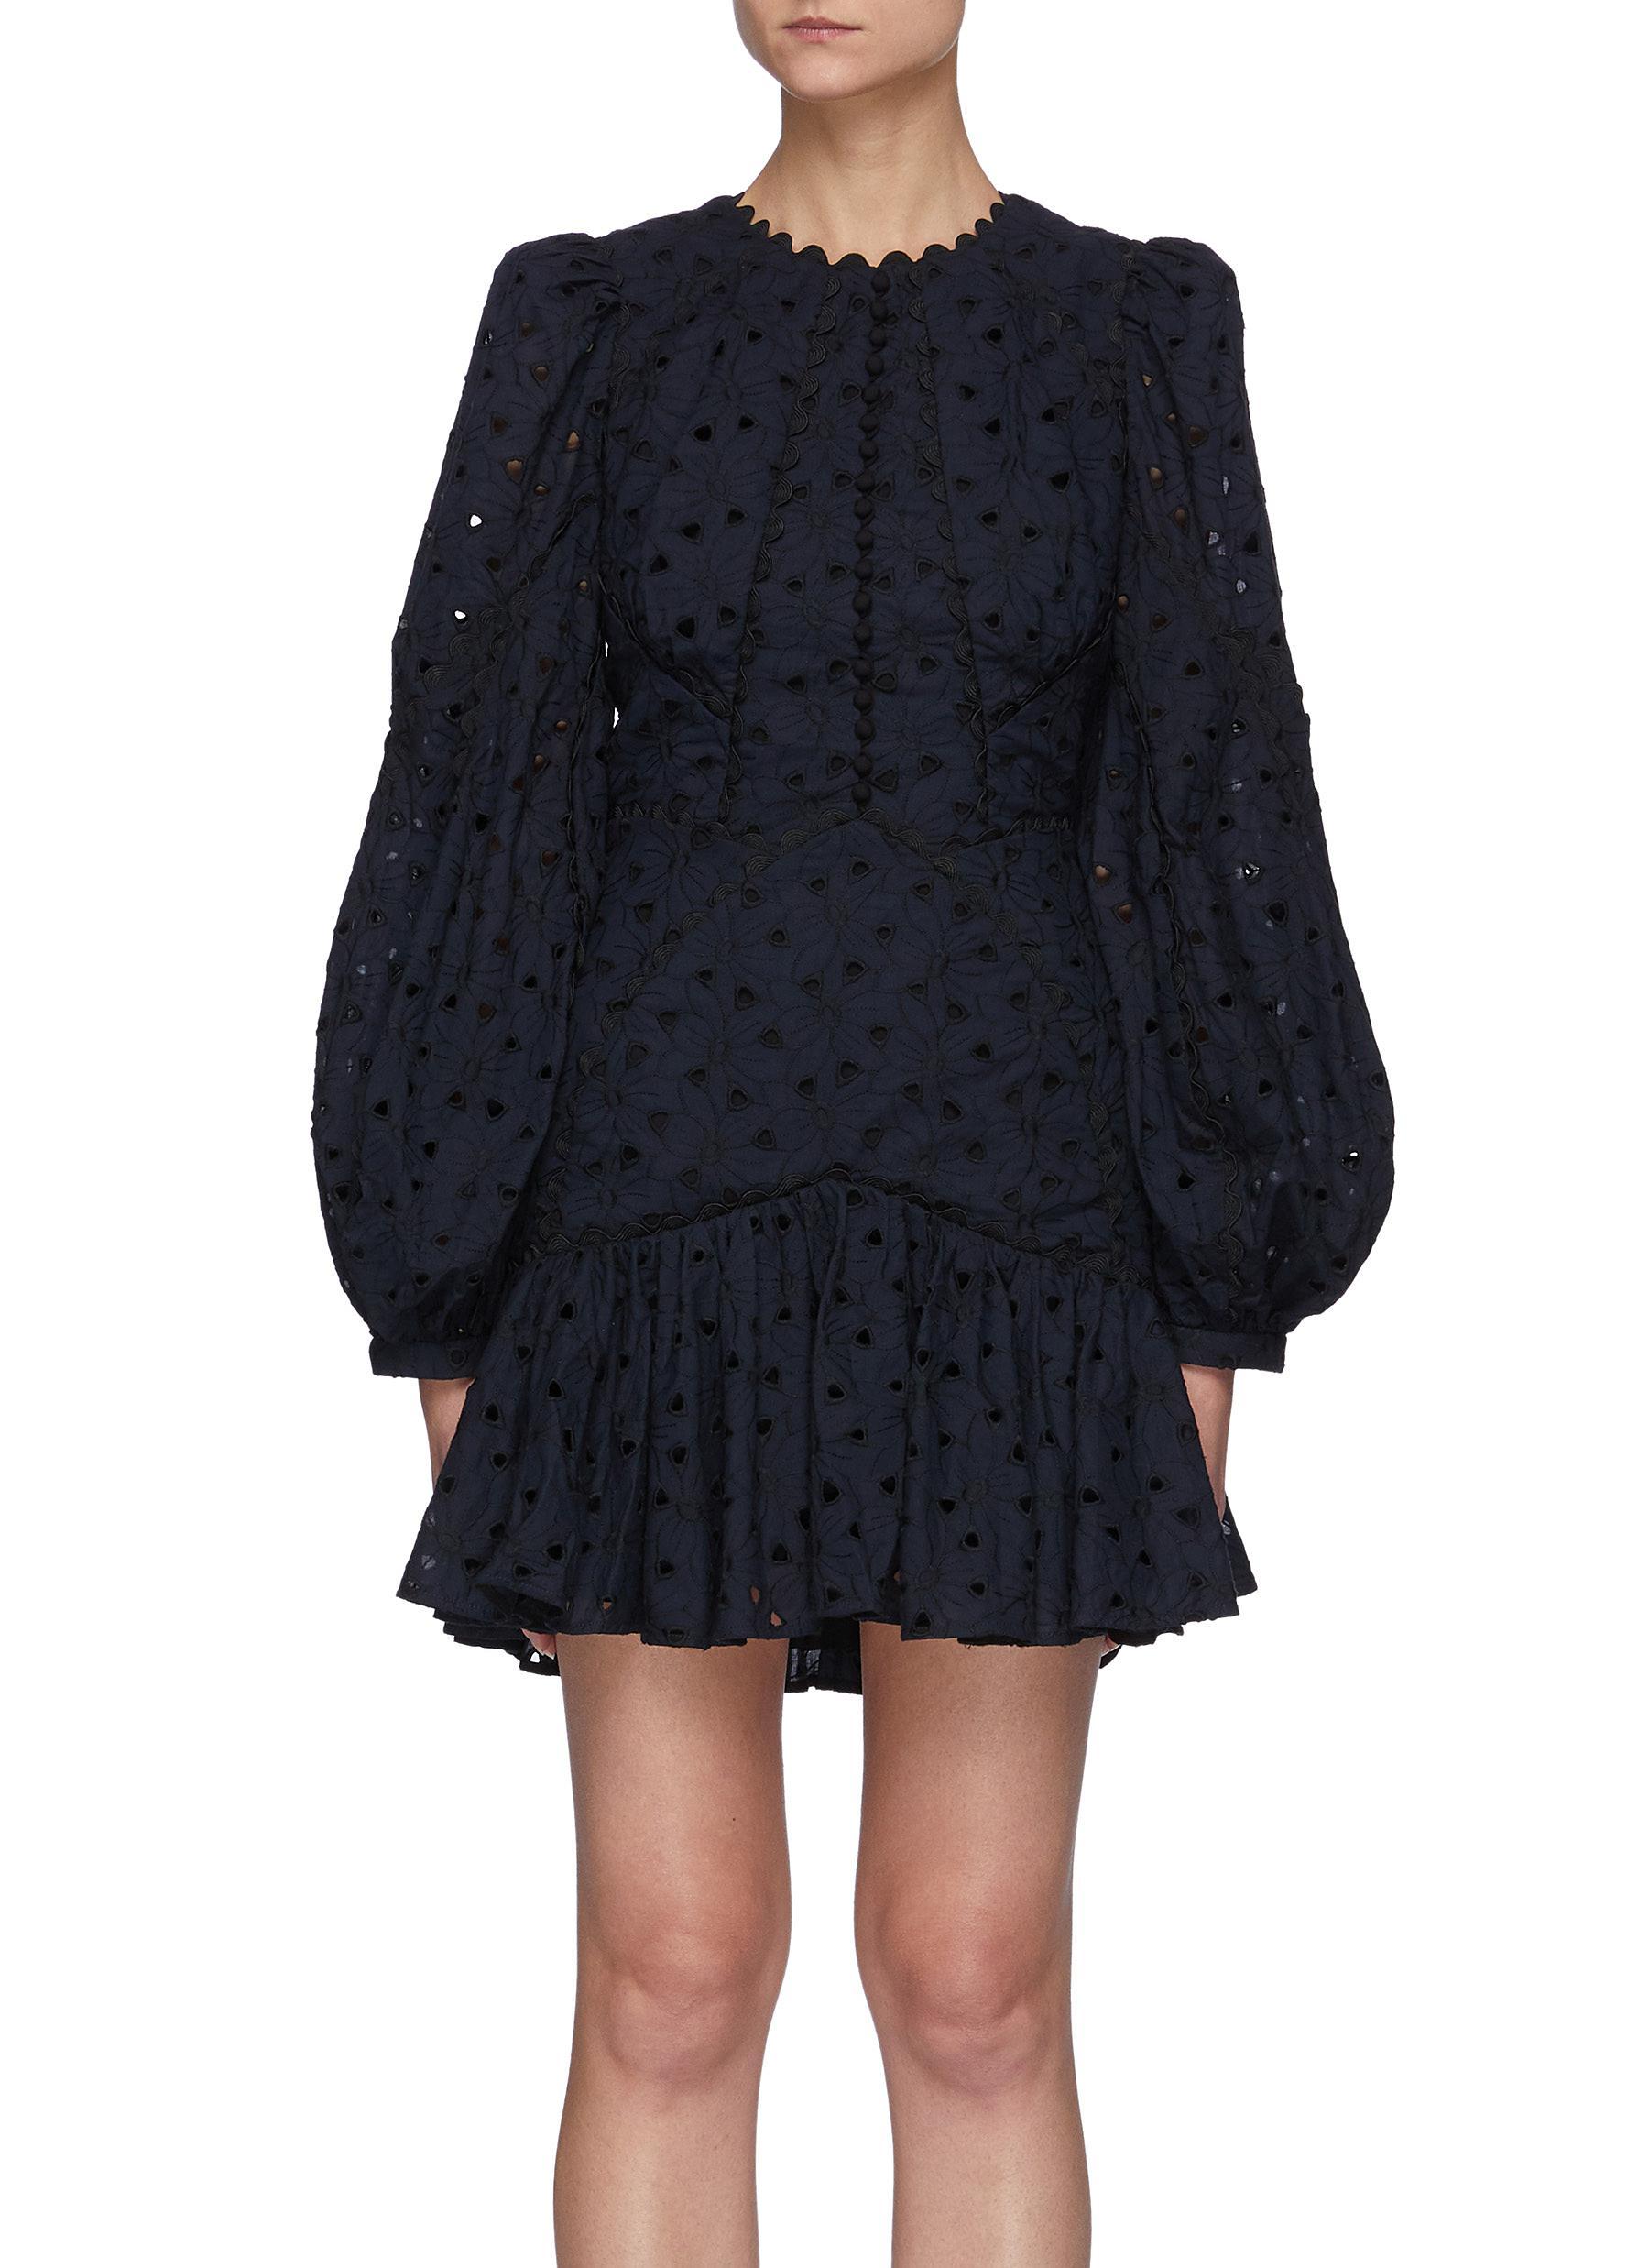 Walker' Dress